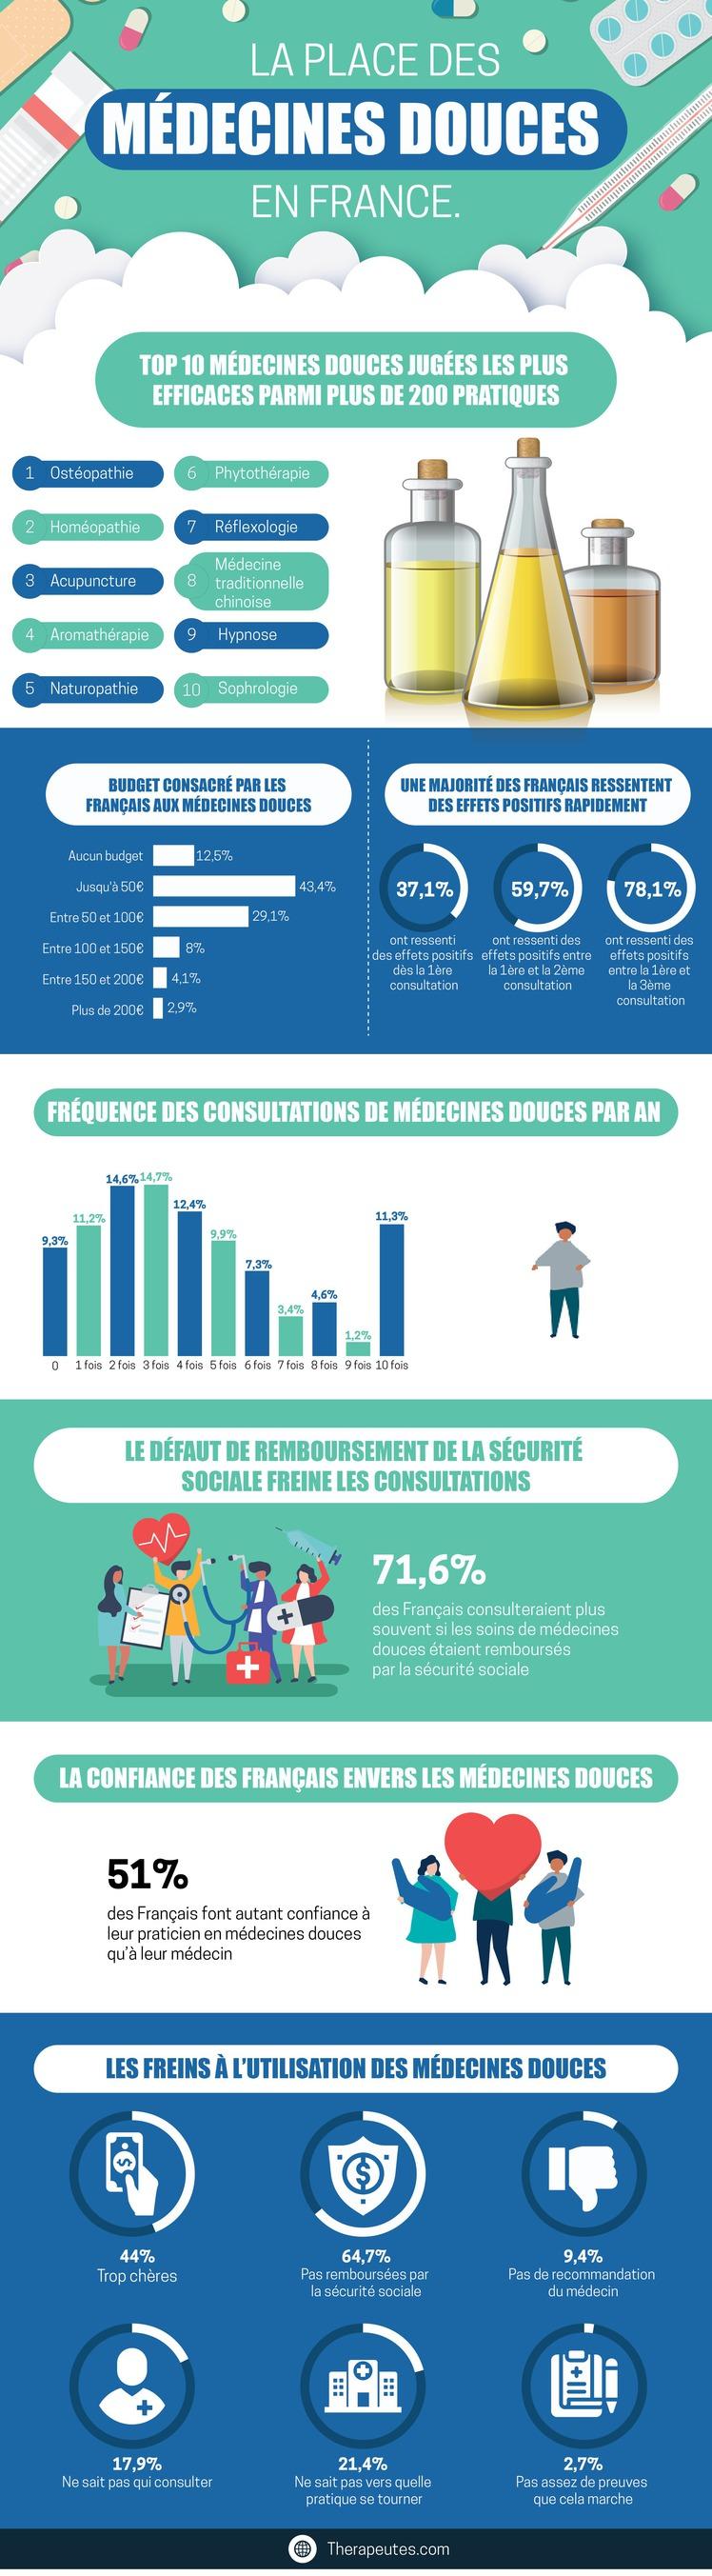 La place des médecines douces en France